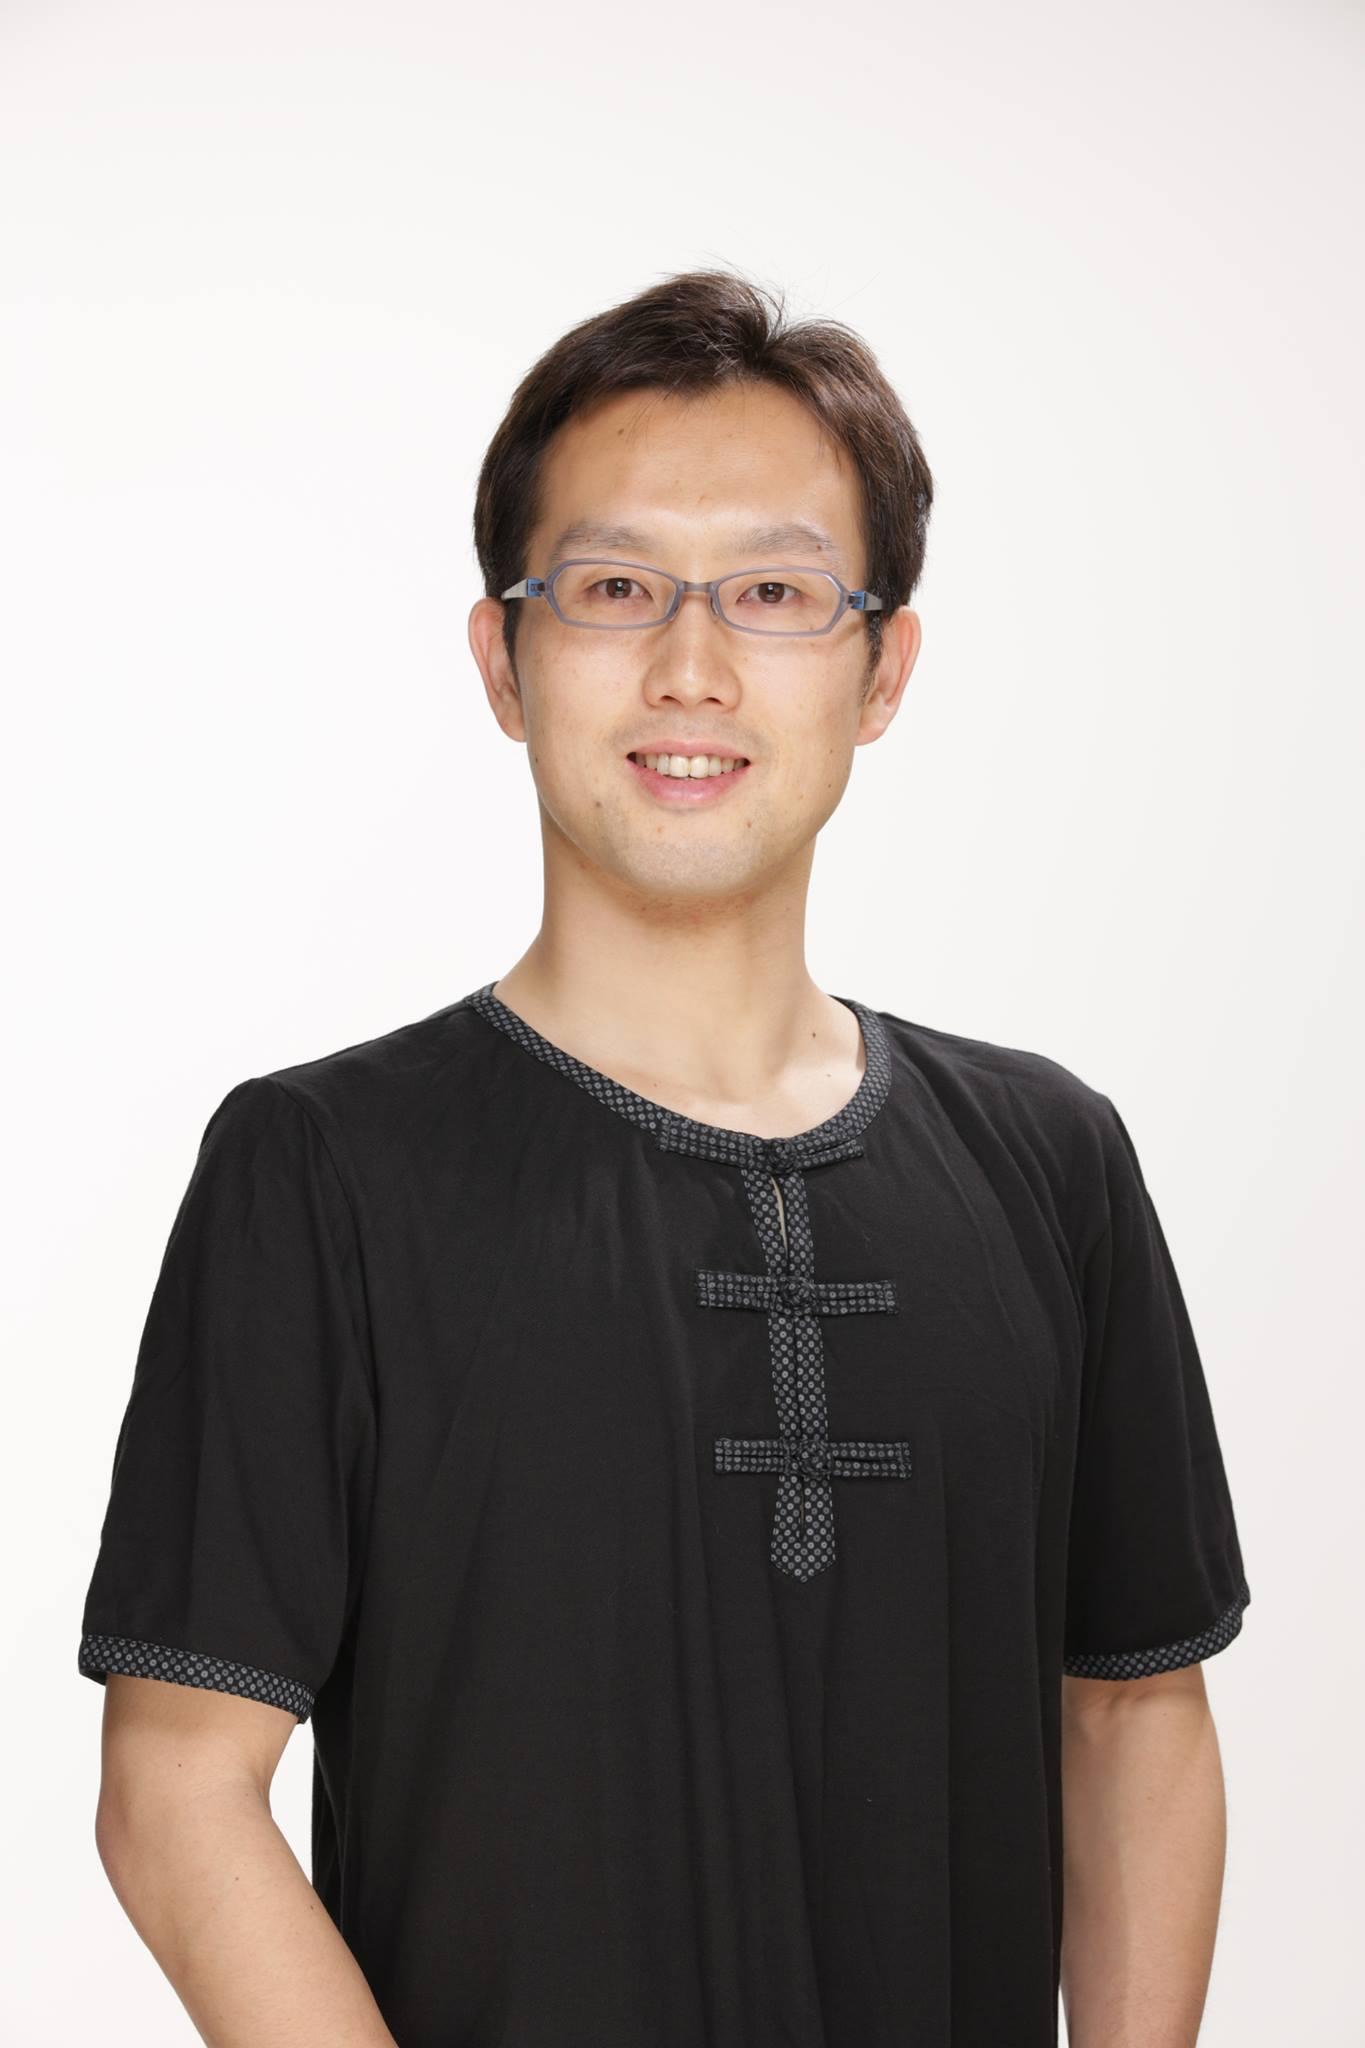 高橋先生プロフィール写真